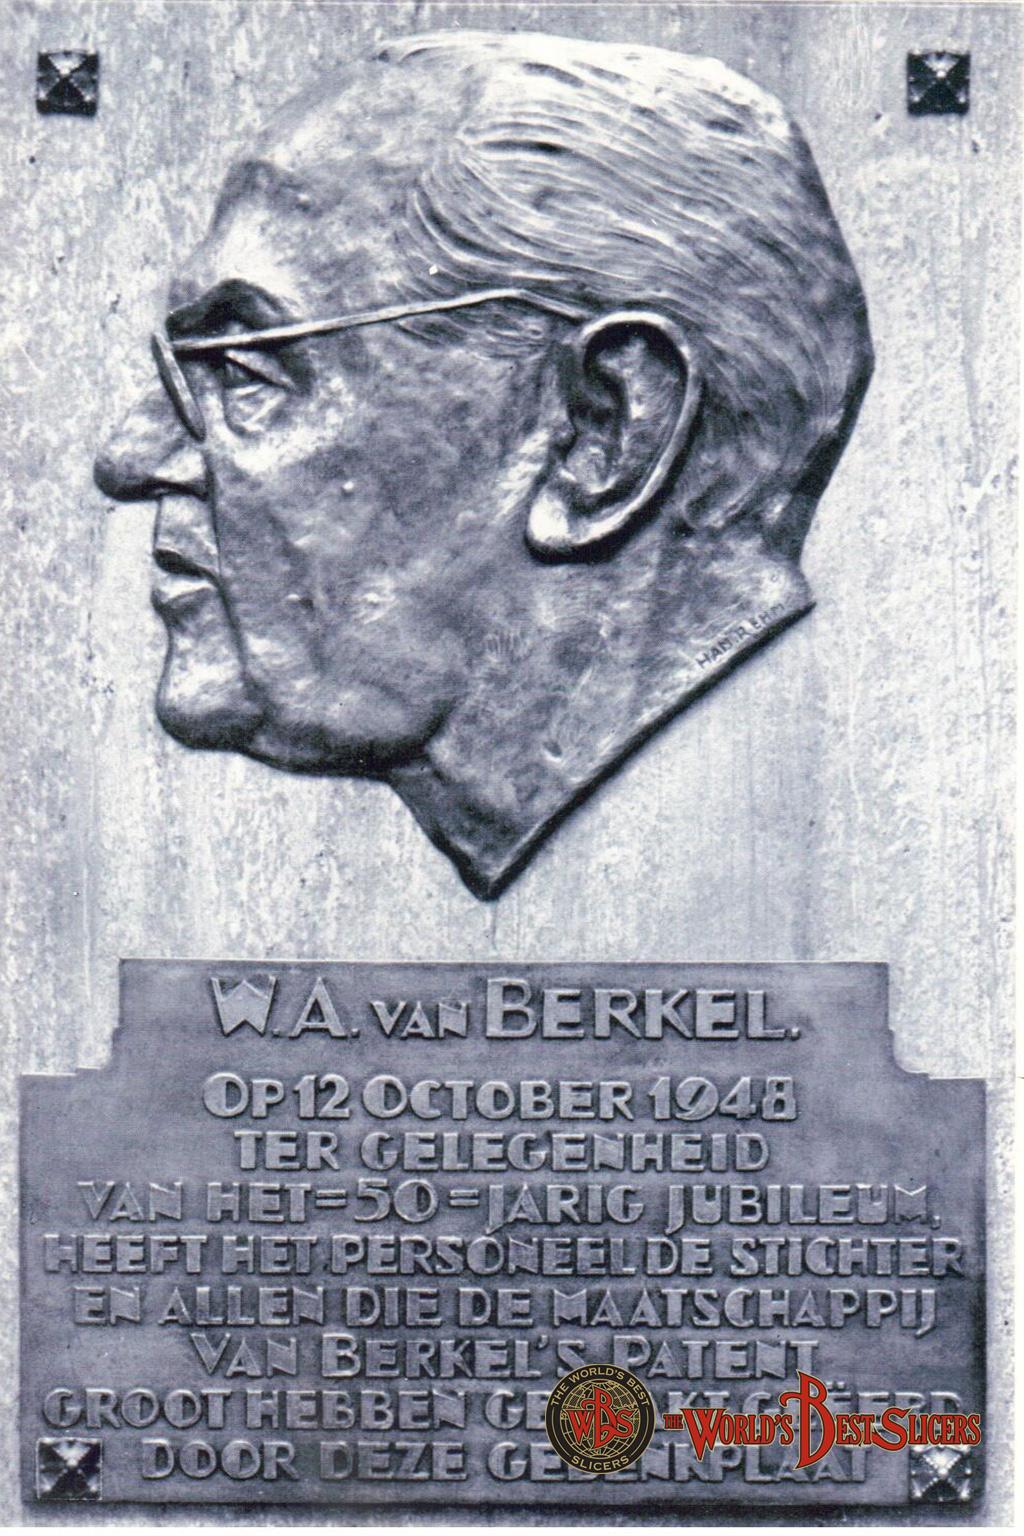 2 W.A.Van Berkel's Geschichte